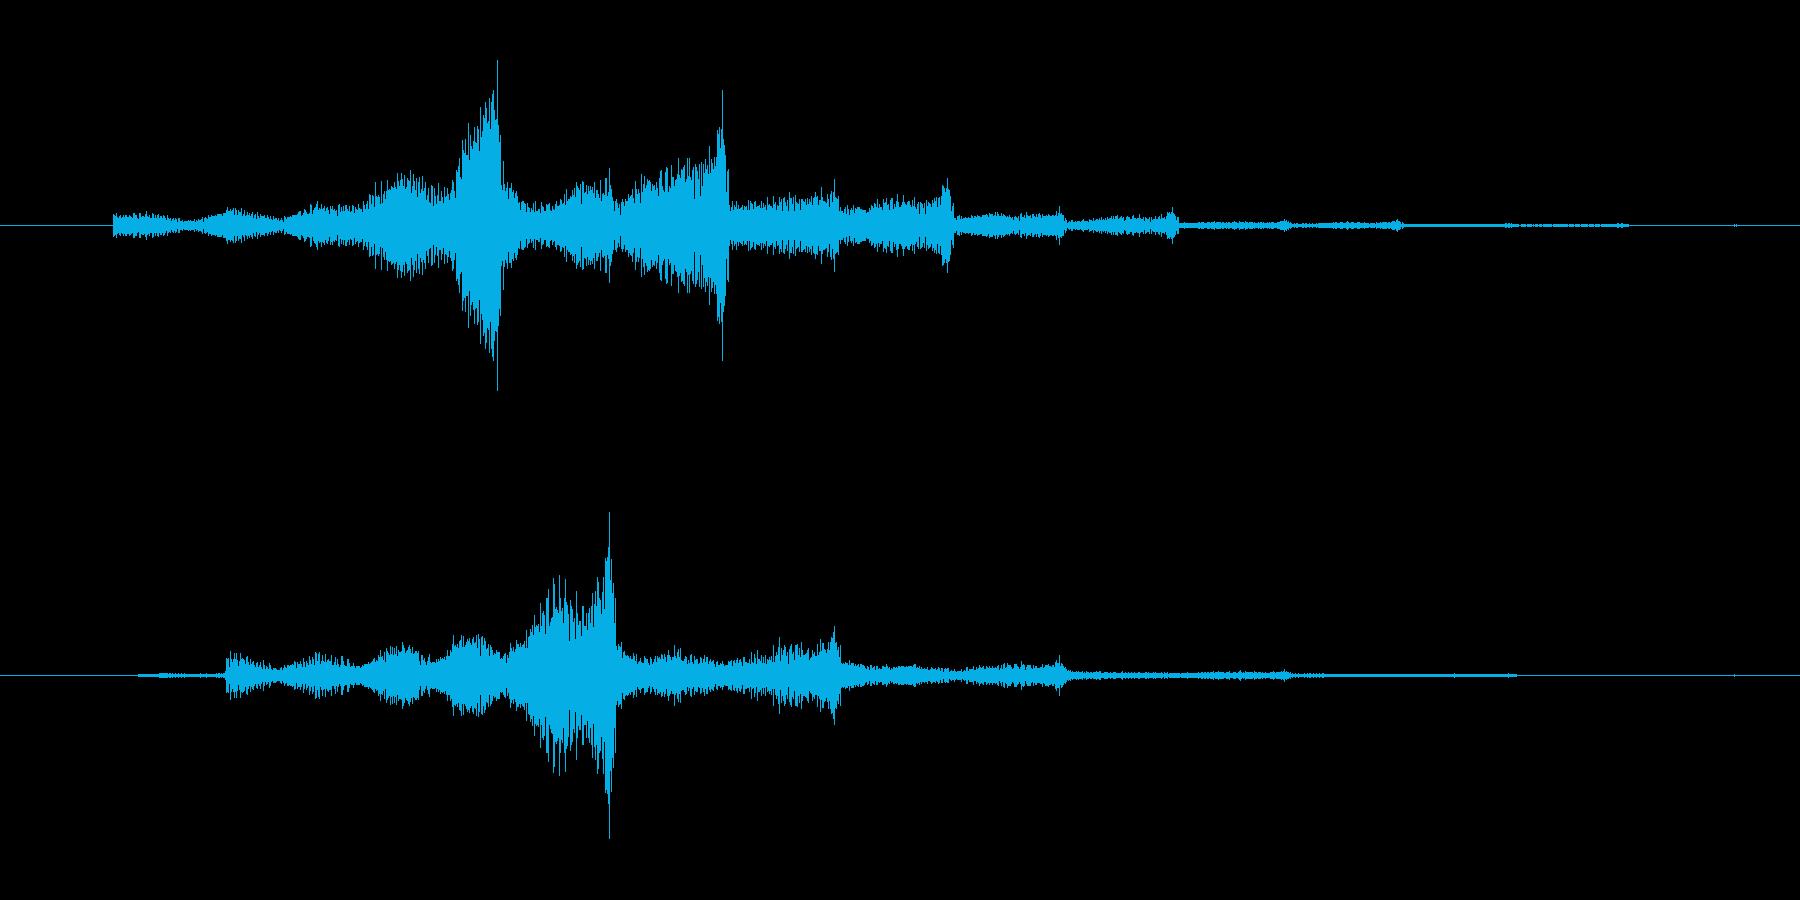 シュワンシュワン インパクト音の再生済みの波形